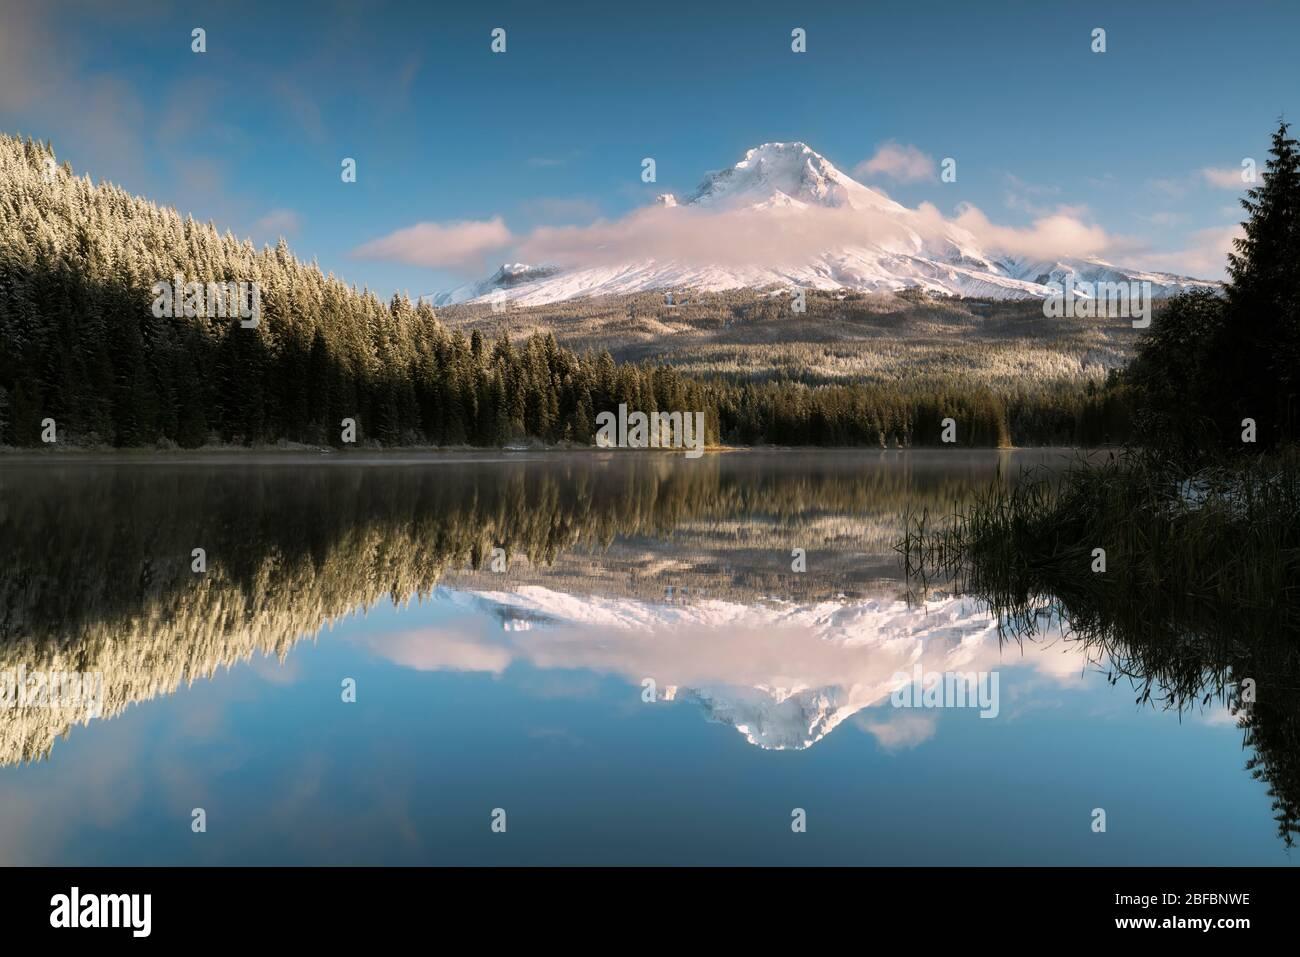 Les nuages en début de matinée révèlent une partie de la neige fraîche d'automne sur le plus haut sommet de l'Oregon, le Mt Hood se reflétant dans le lac Trillium. Banque D'Images